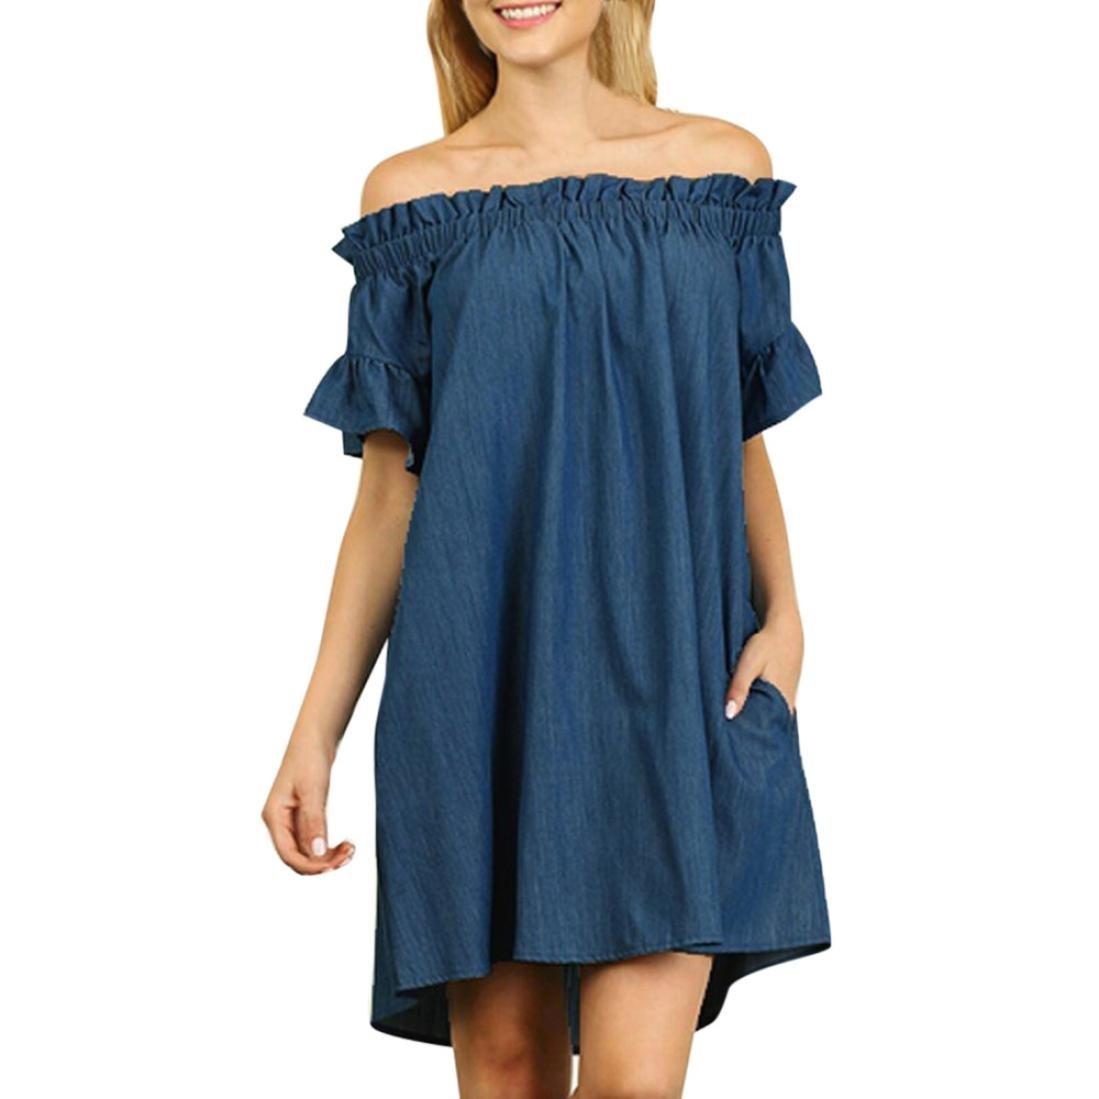 レディースドレス、ieasonホットセール。プラスサイズレディースOff the Shoulder Bardot Denim Lookシャツドレストップス 4XL ブルー IEason B074PRGP3N 4XL|ブルー